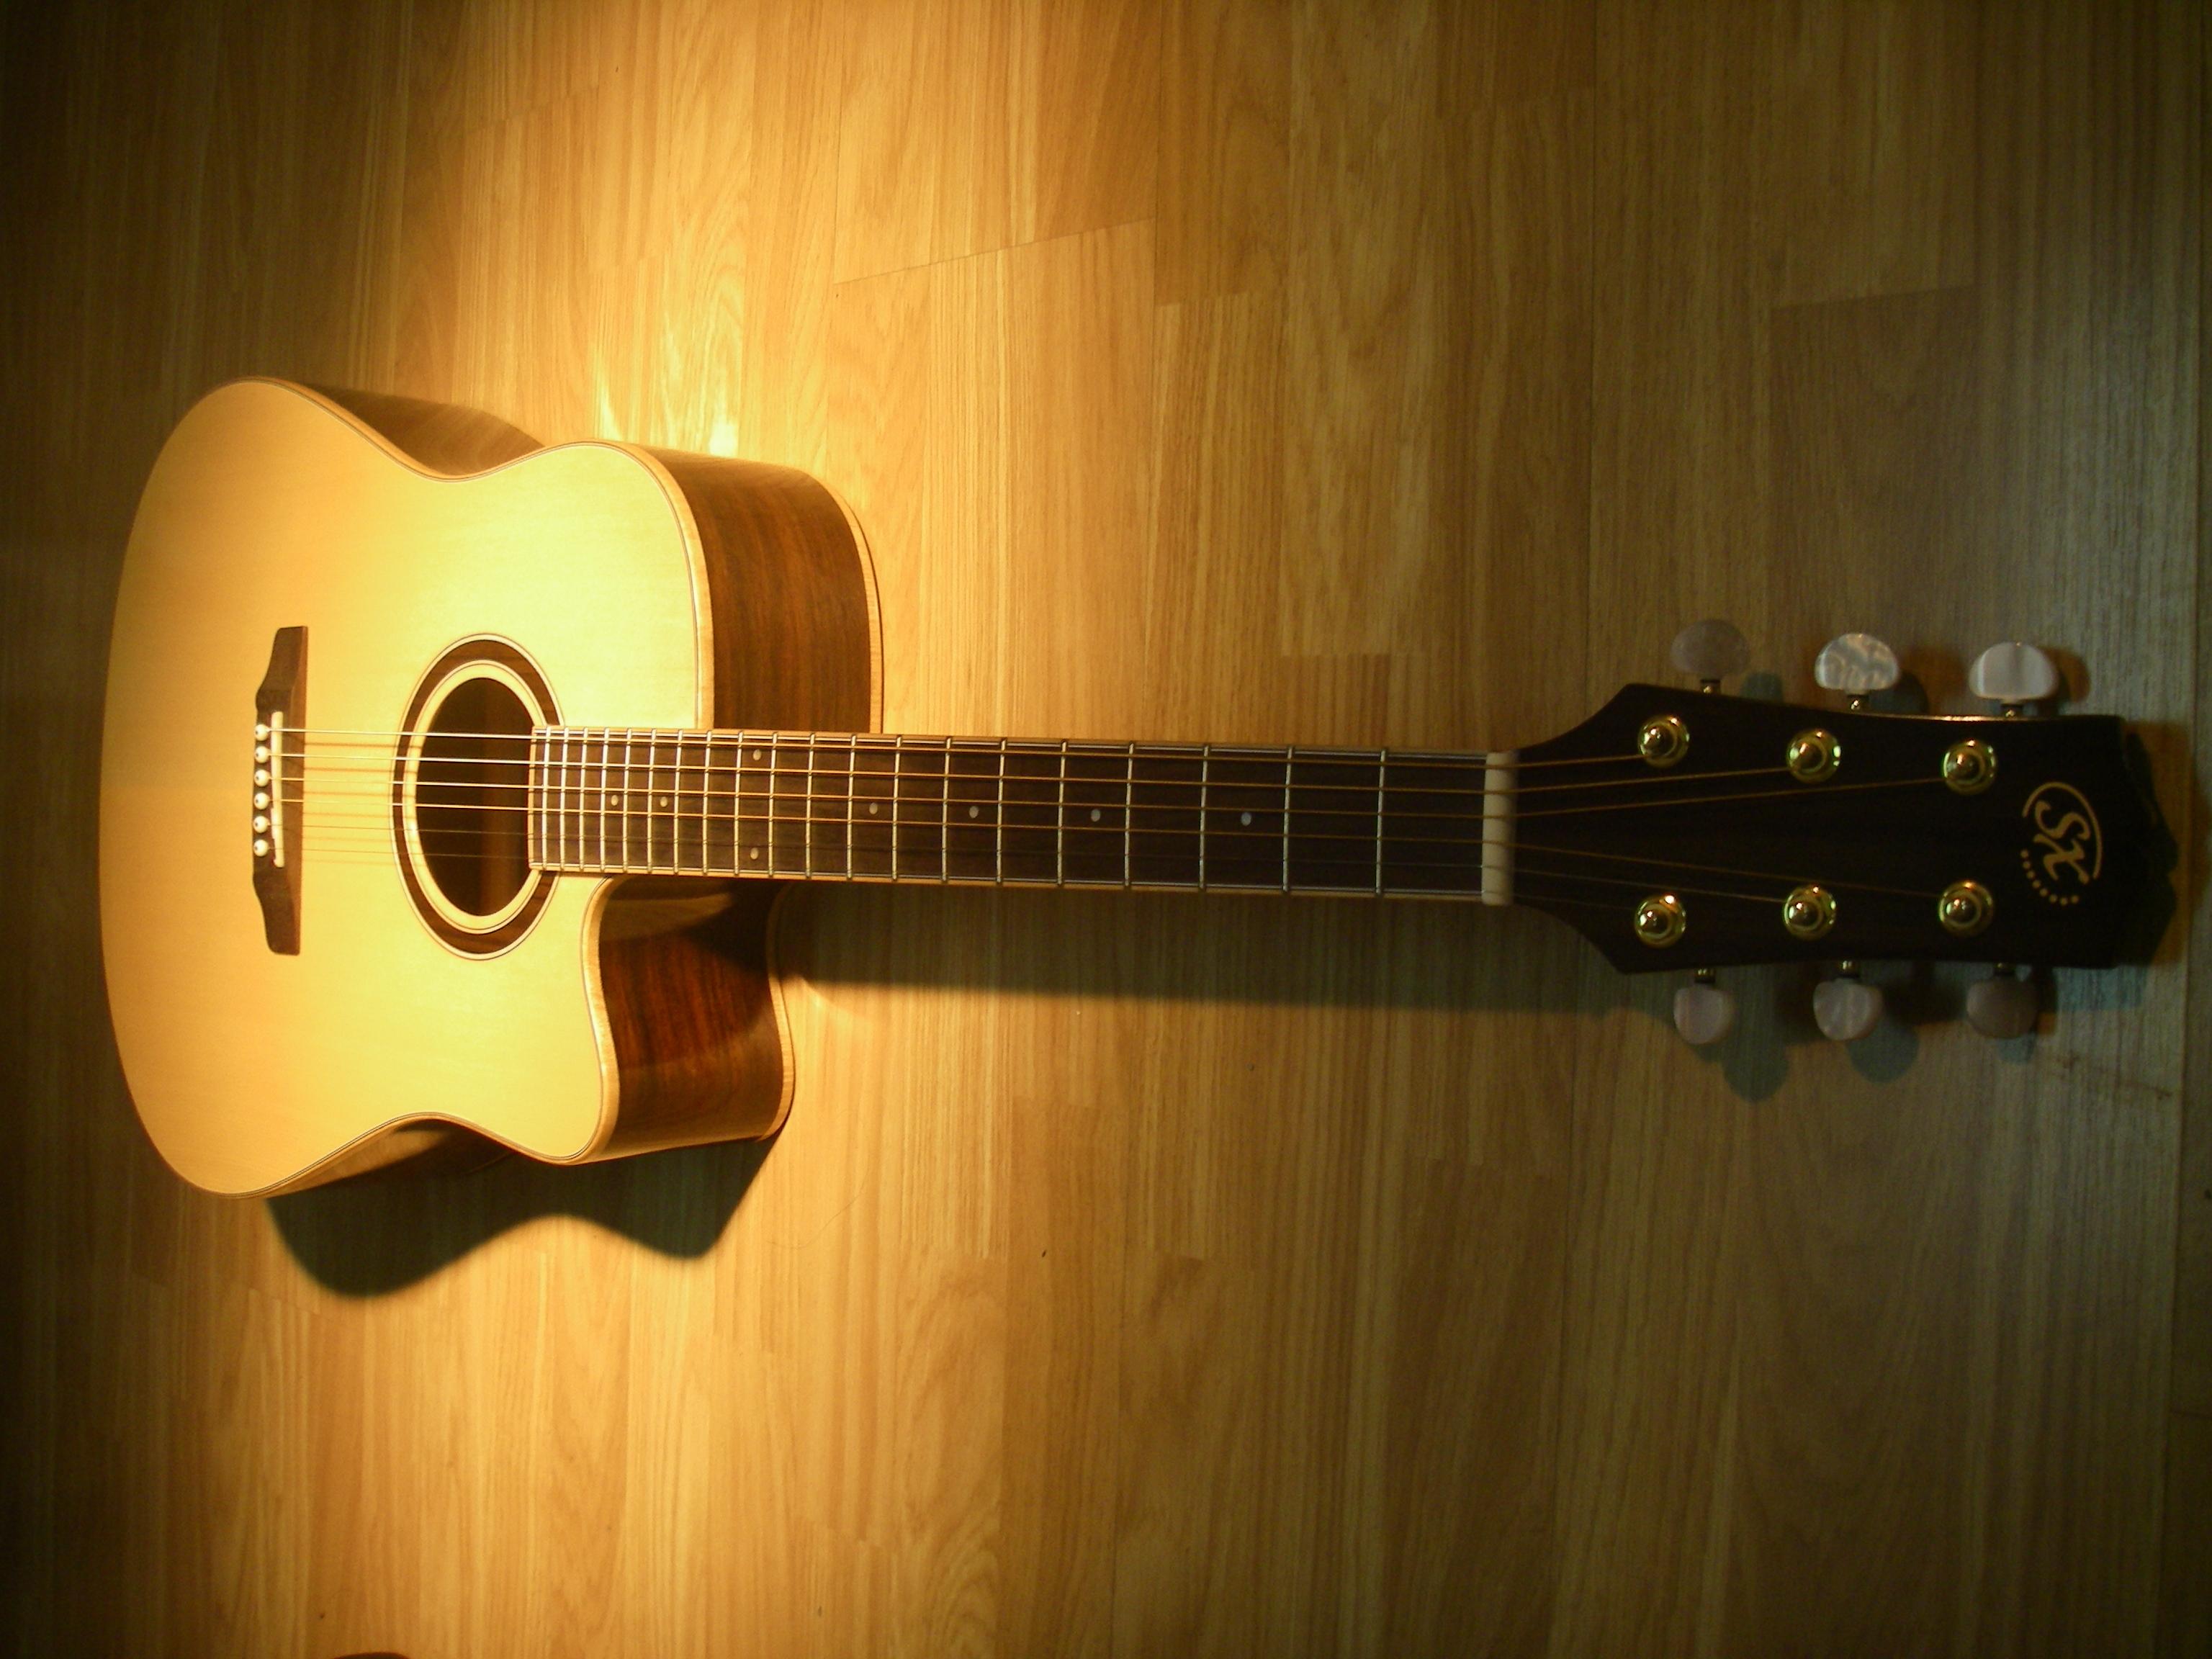 Guitarra ac stica sxguitars p gina 2 for Mueble guitarras